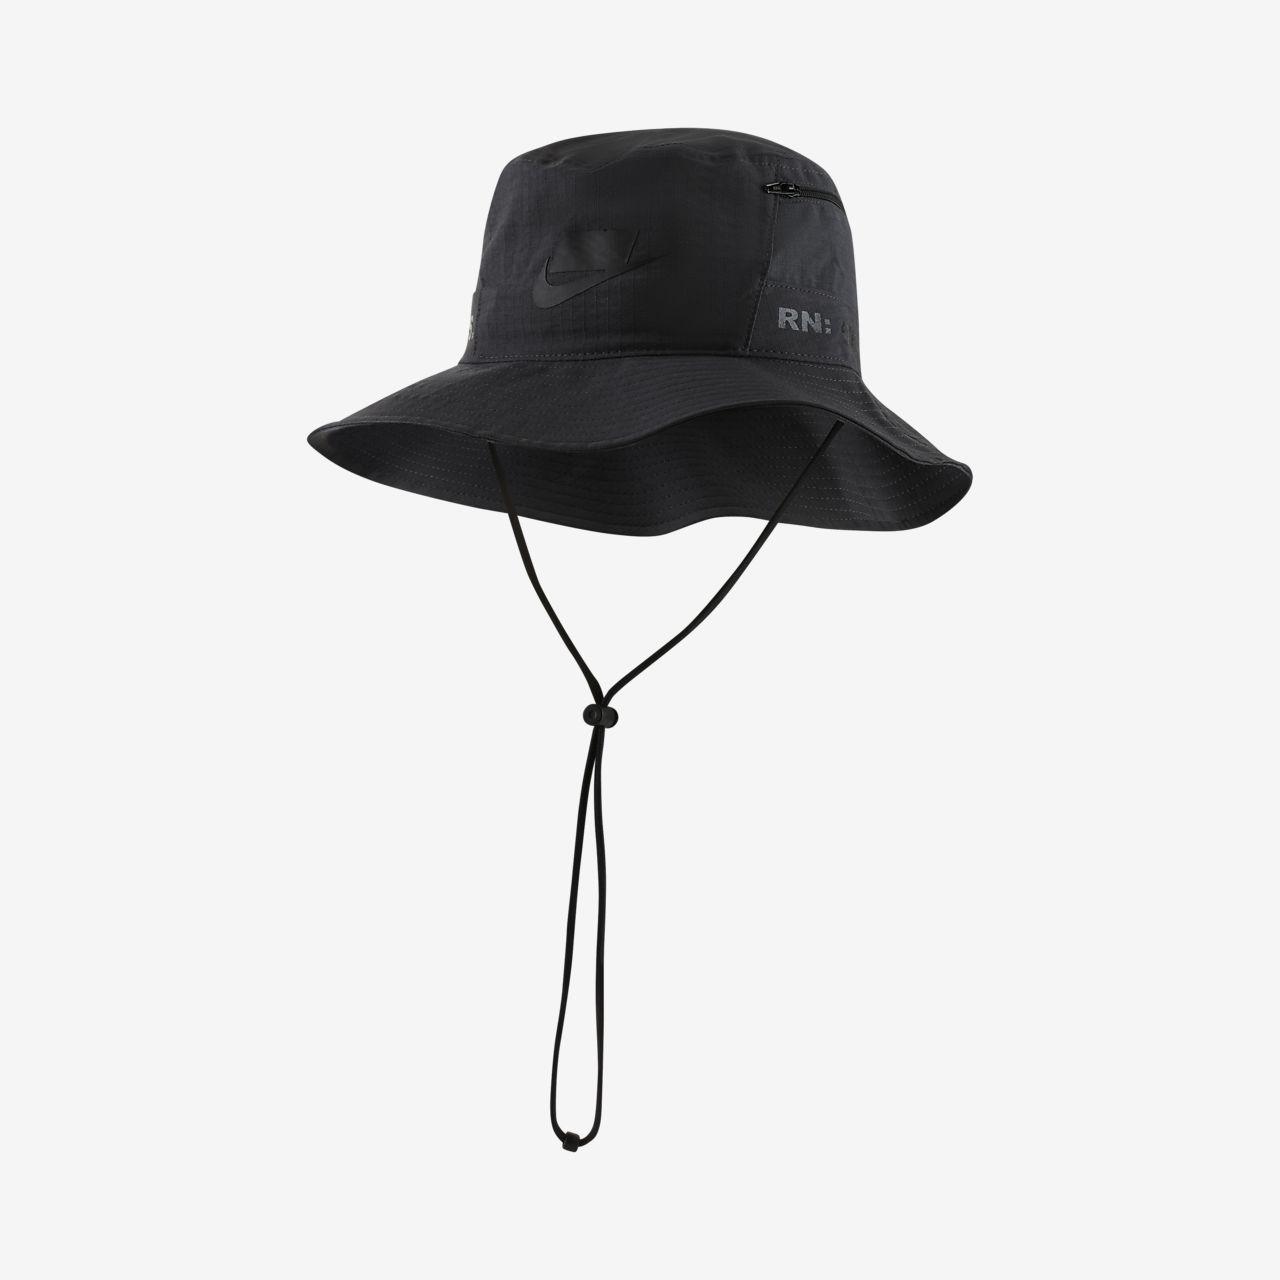 precio más bajo con Boutique en ligne ventas especiales Nike Sportswear NSW Collection Sombrero tipo pescador. Nike ES